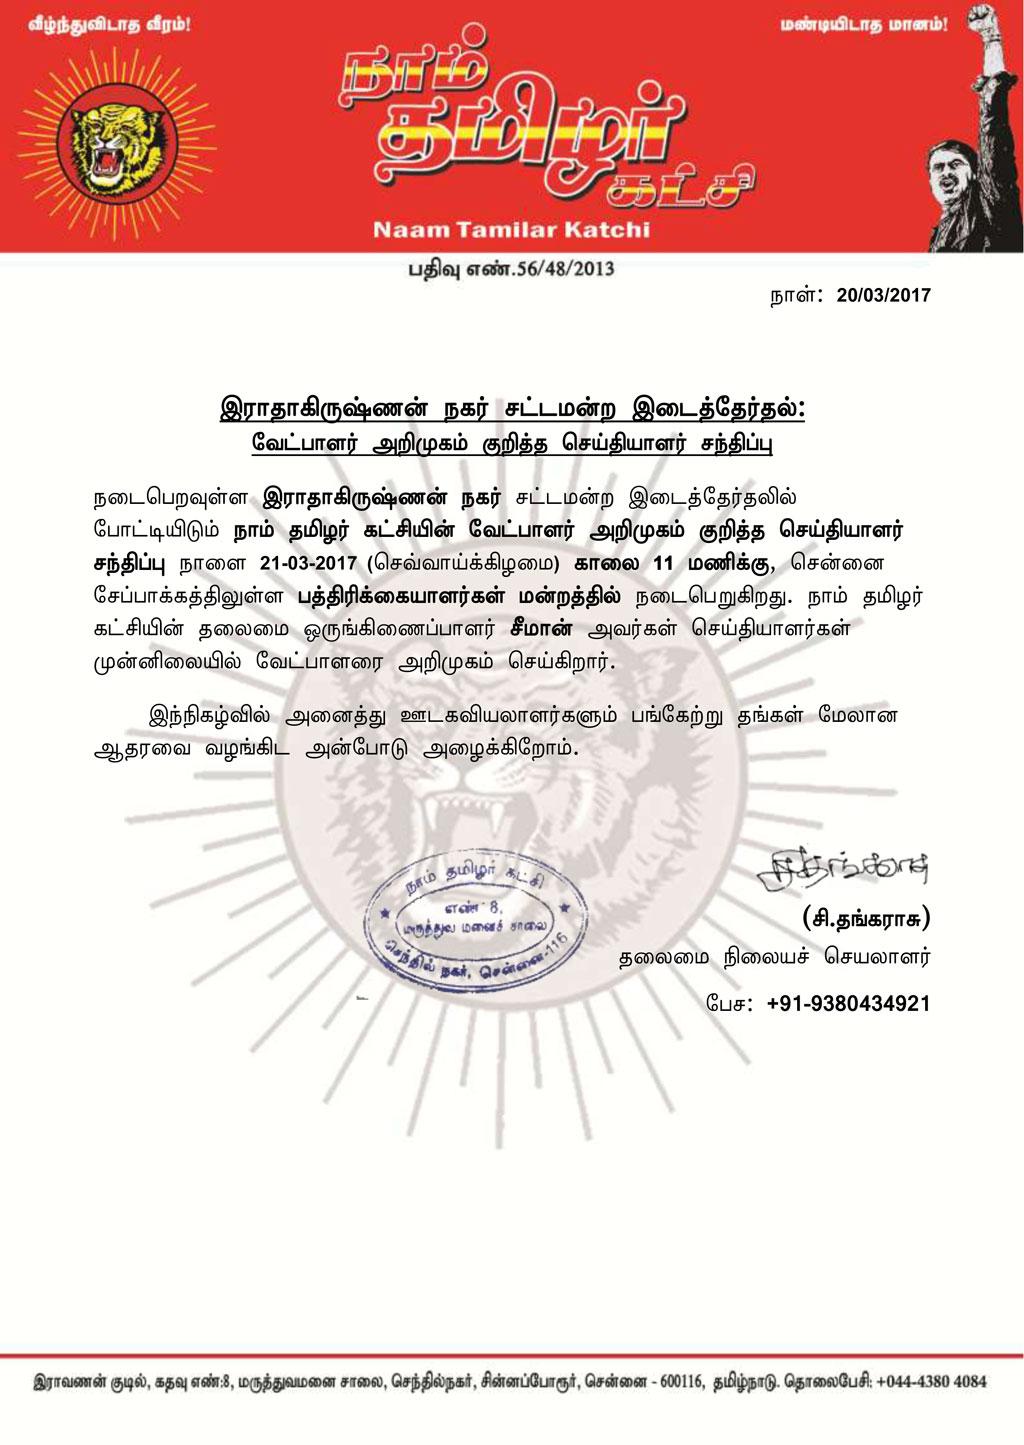 ஆர்.கே நகர் இடைத்தேர்தல்: வேட்பாளர் அறிமுகம் குறித்த செய்தியாளர் சந்திப்பு rk nagar constituency assembly bi poll naam tamilar katchi candid introduction pressmeet